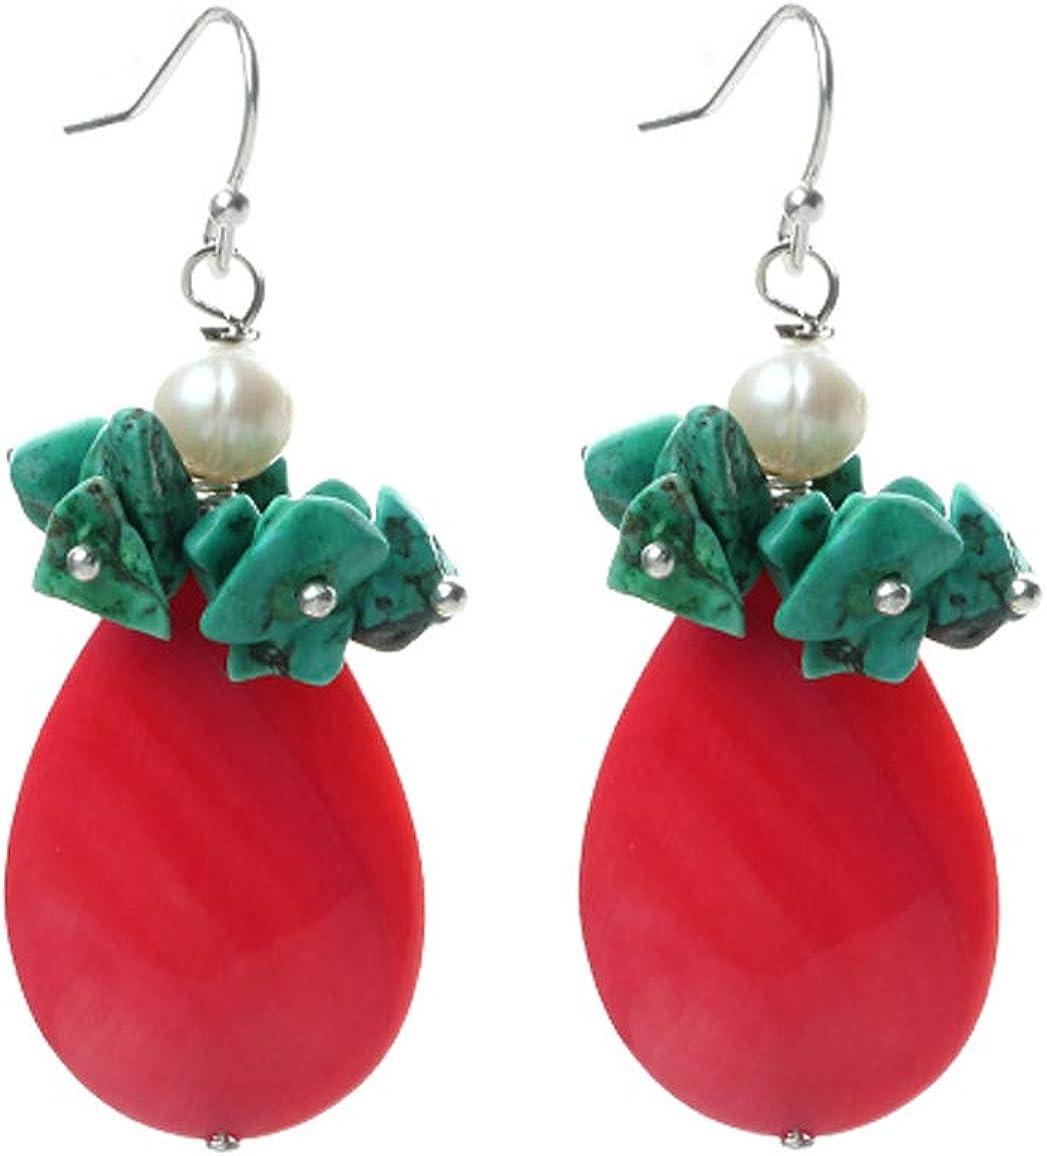 TreasureBay Pendientes de gota de perlas de color rosa, turquesa natural y elegantes perlas